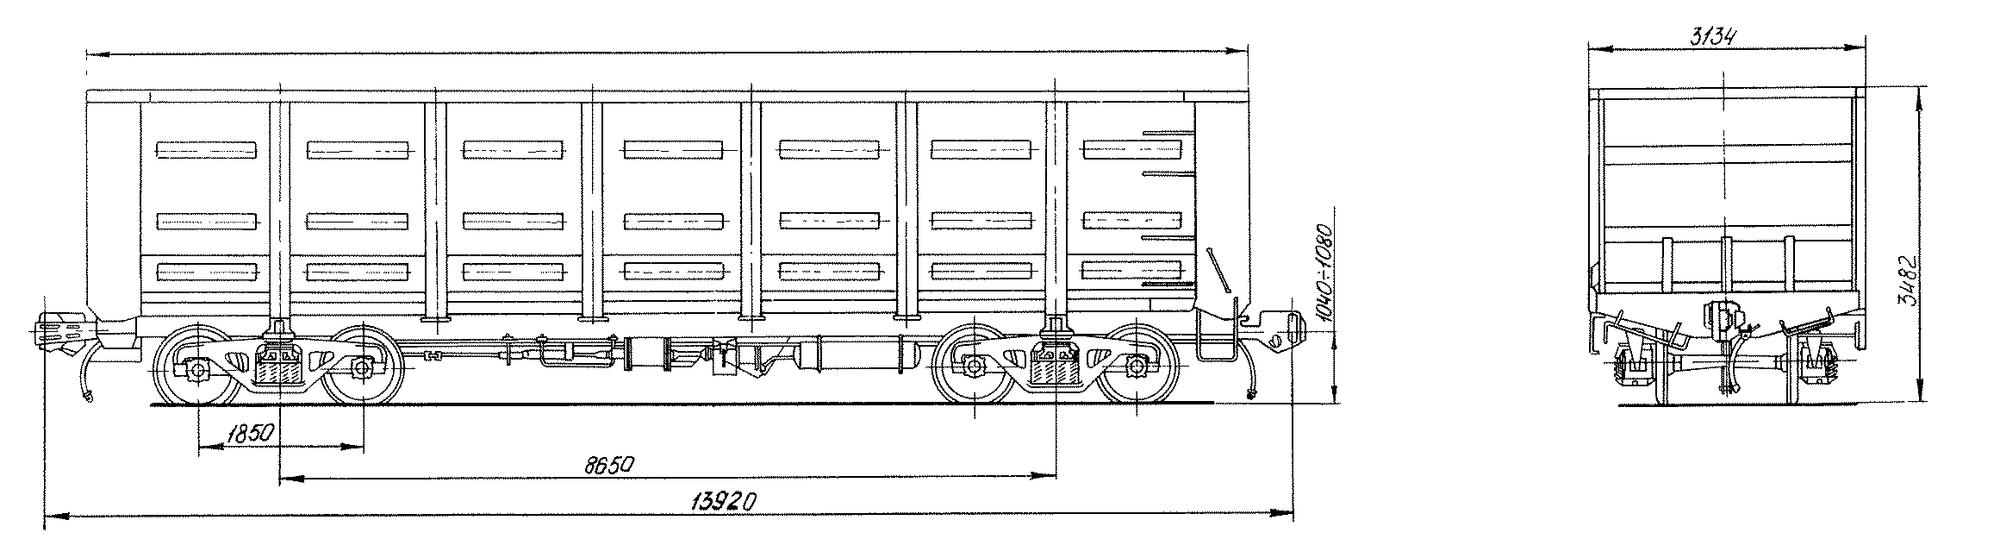 4-осный цельнометаллический полувагон с глухим кузовом